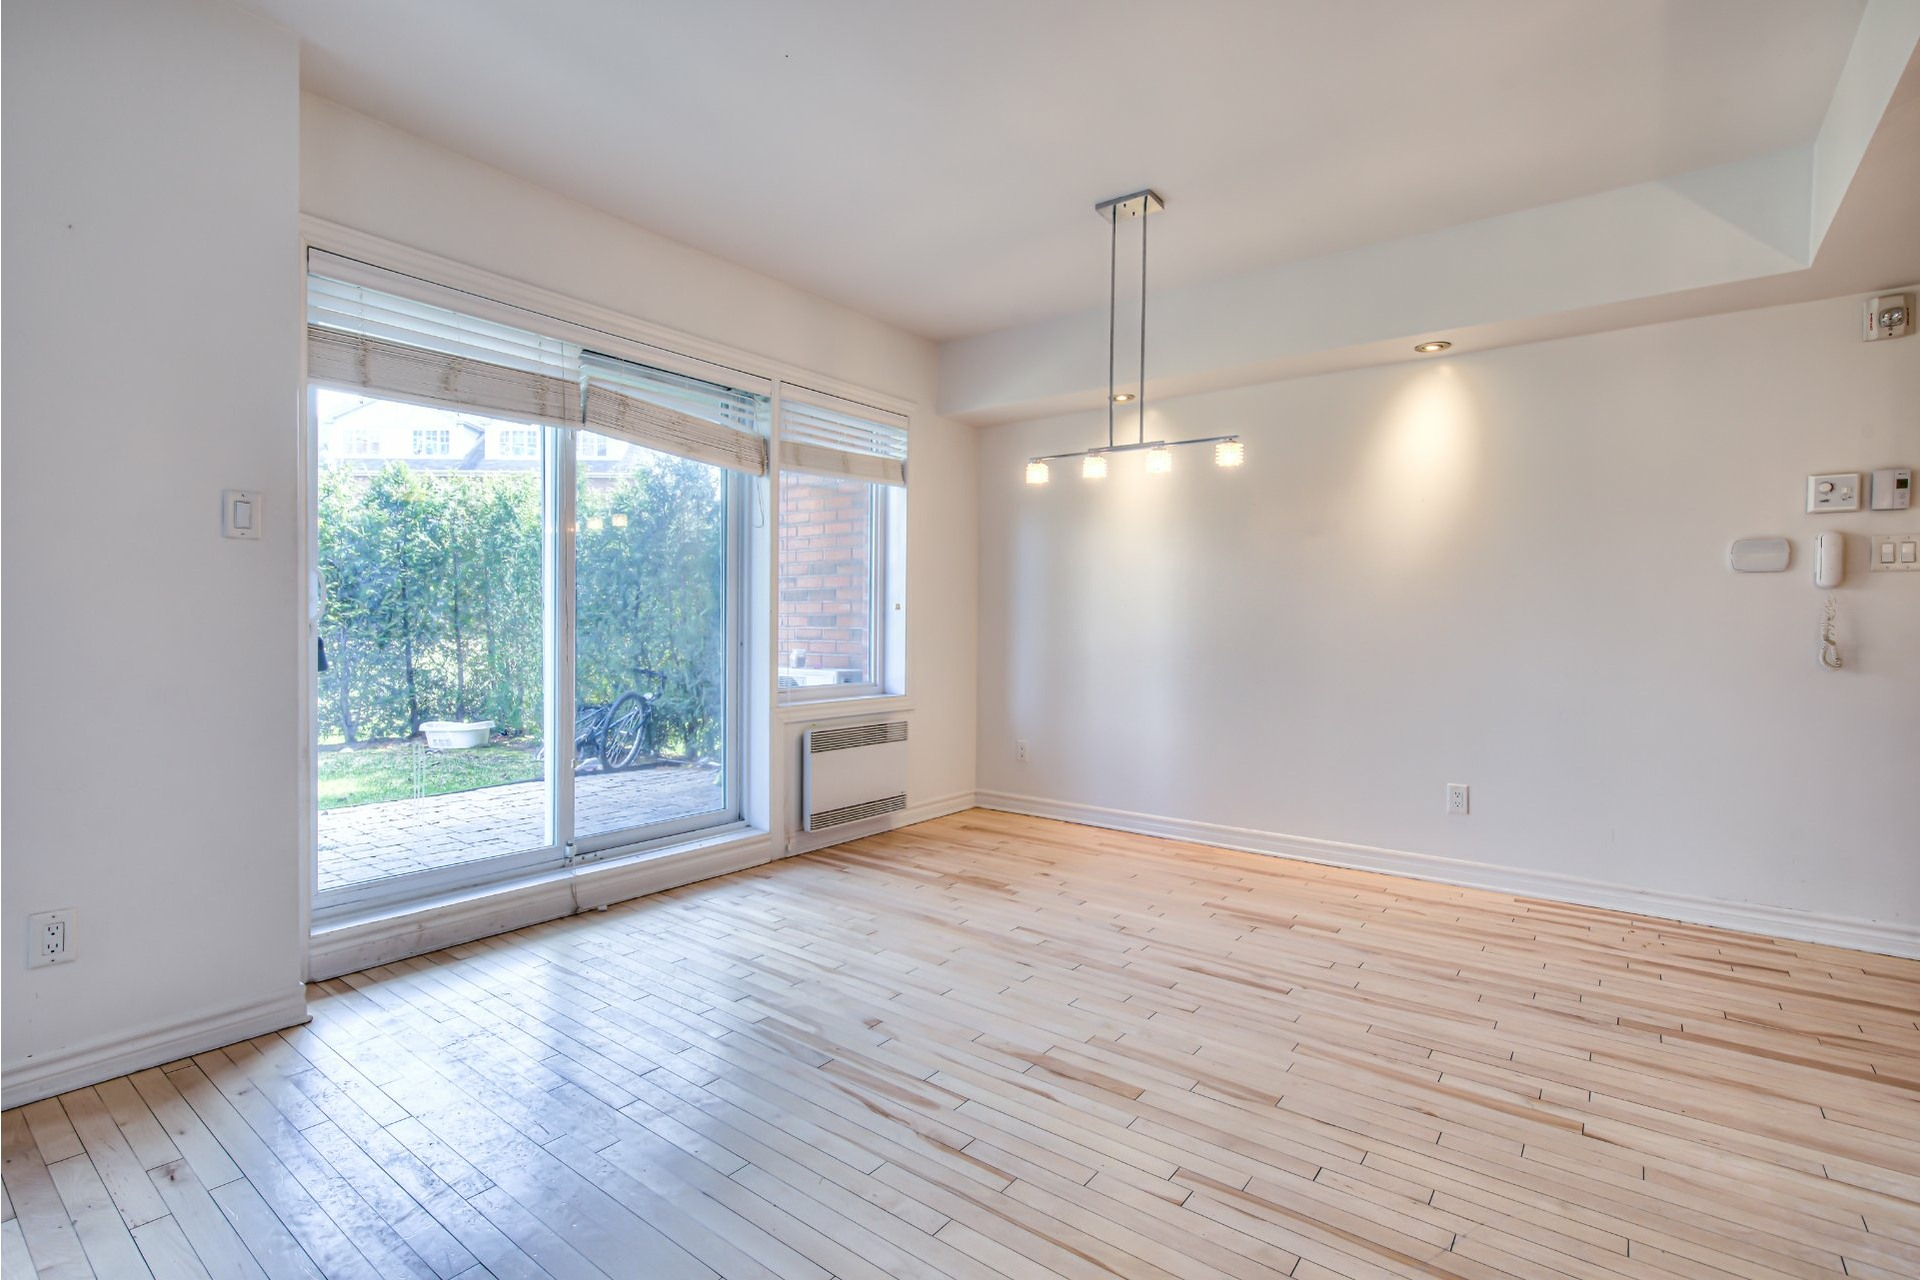 image 10 - Apartment For sale Saint-Laurent Montréal  - 6 rooms